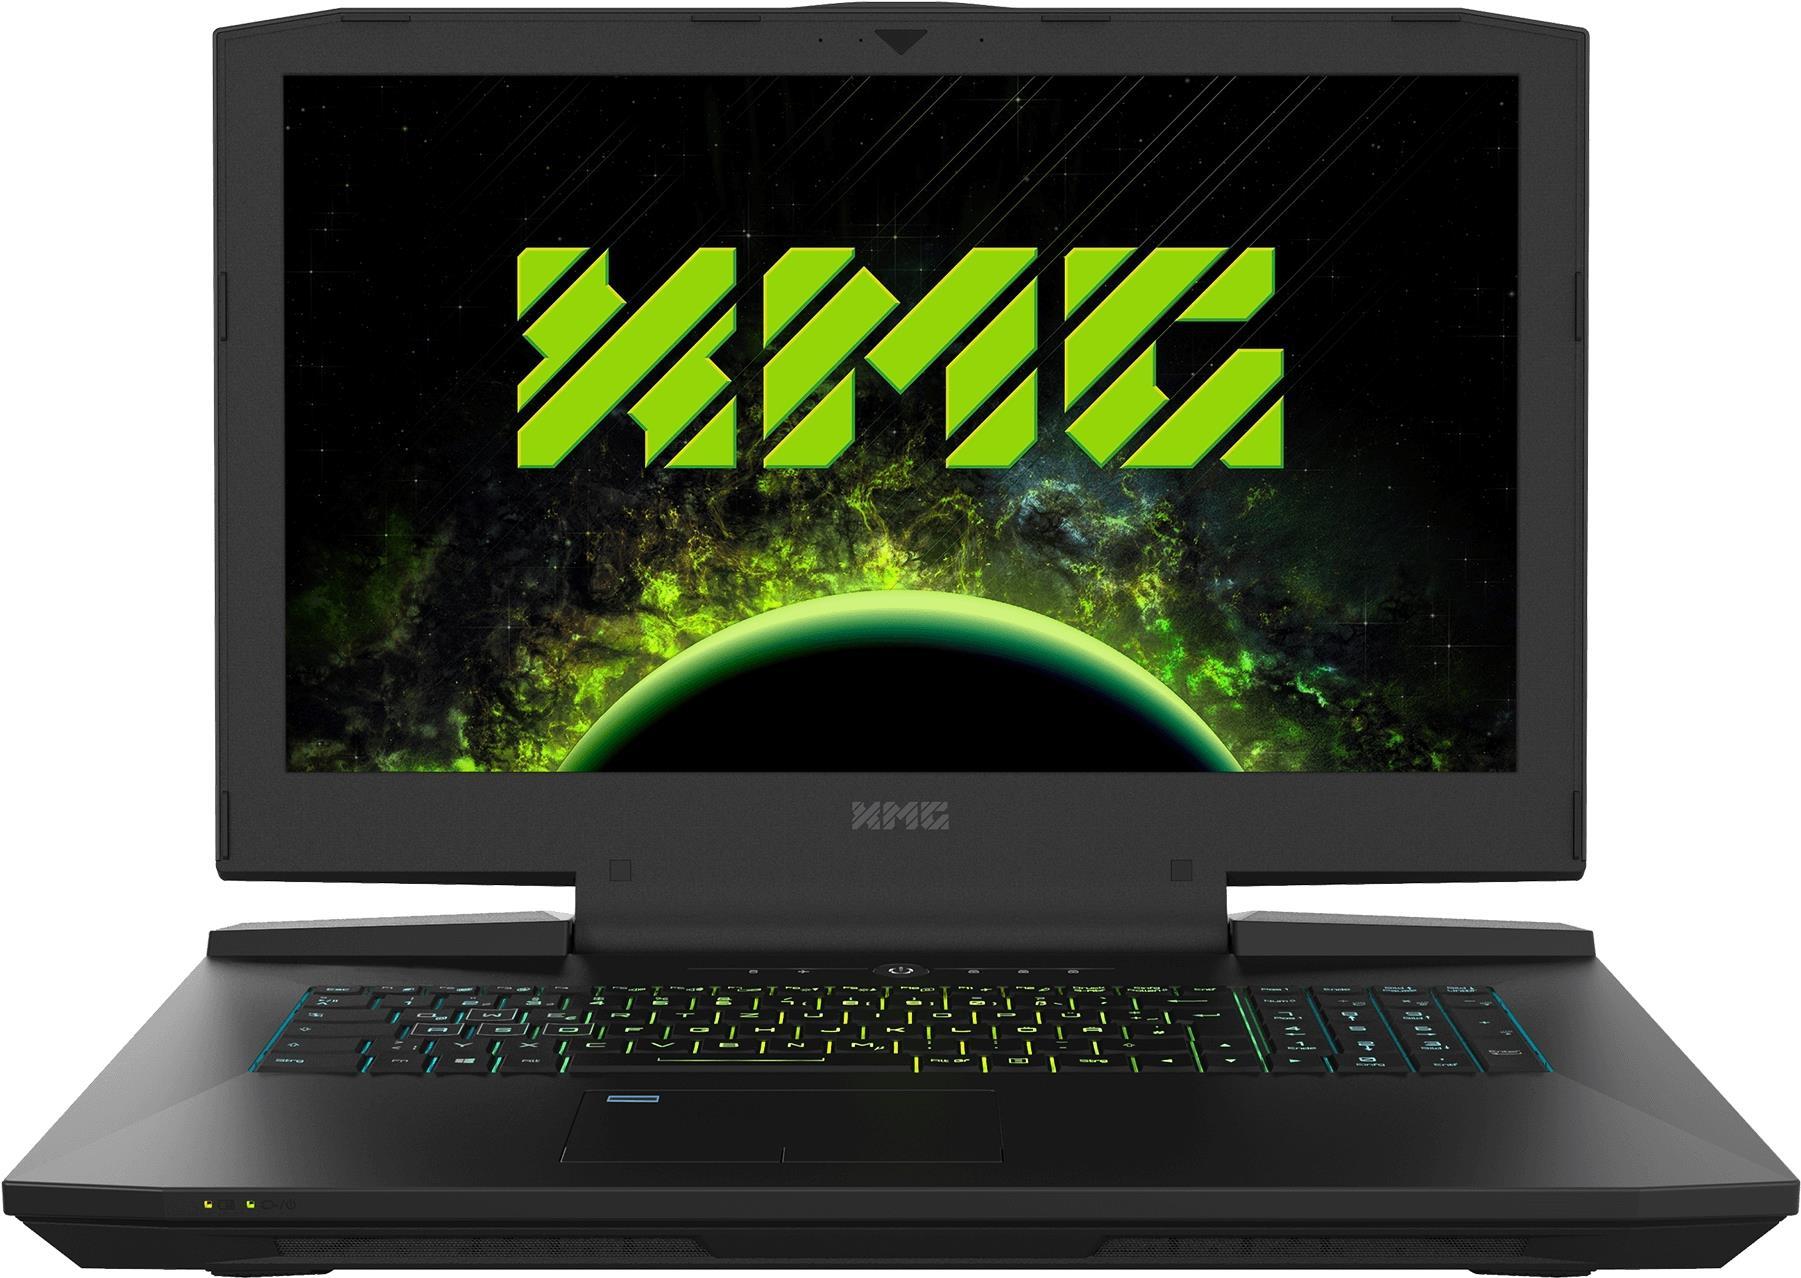 Aktuelle Angebote Kaufroboter Die Discounter Suchmaschine Team Ssd L7 Evo 120gb 120 Gb Sata 3 Non Bracket Xmg Ultimate Zenith 17 Core I7 8700 32 Ghz Win 10 Home 64 Bit Ram 500 2 Tb